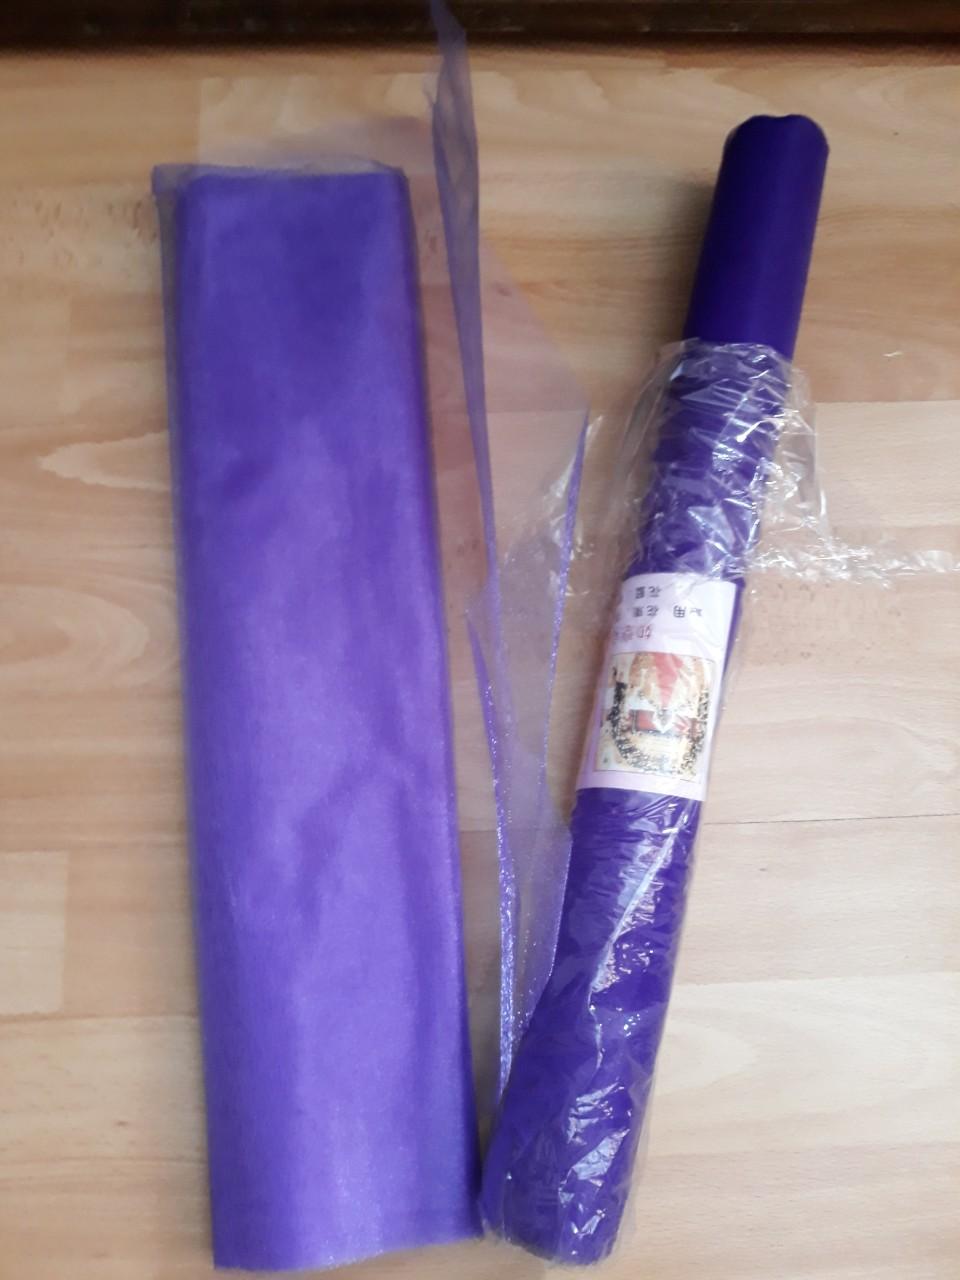 Rôzne fialové organzy a tyly 11ks -cena už s poštu - Obrázok č. 3